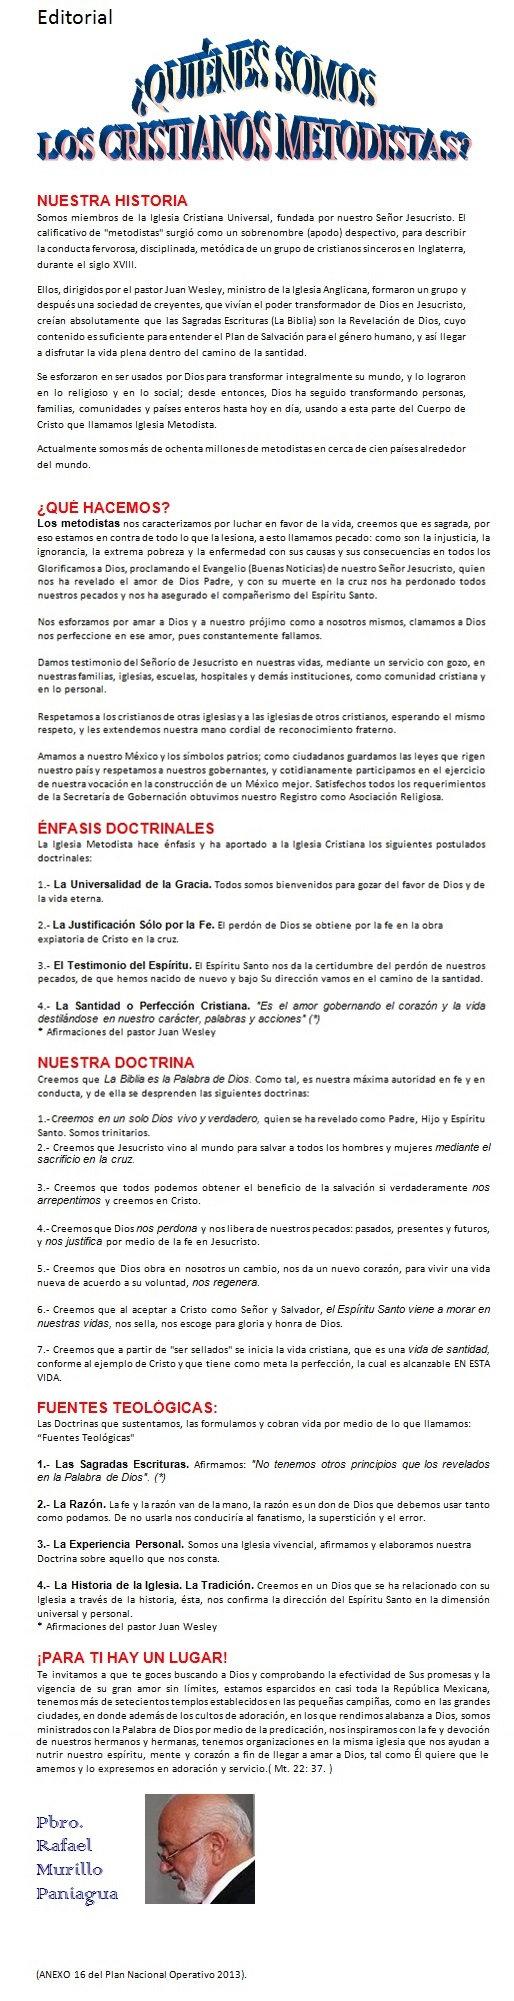 Editorial 1.jpg